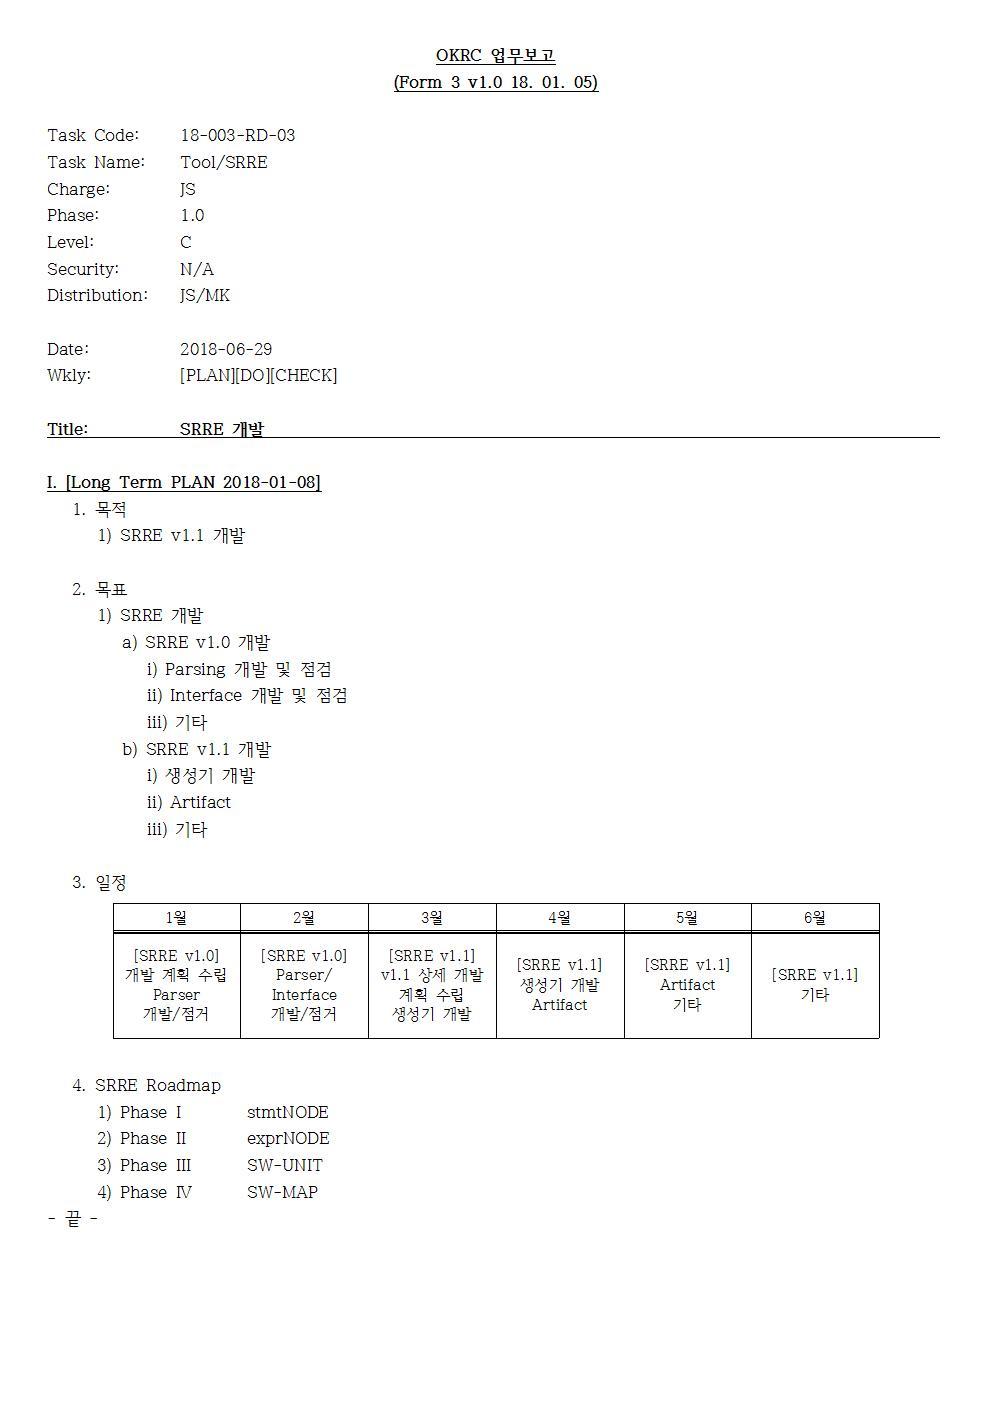 D-[18-003-RD-03]-[SRRE]-[2018-06-29][JS]001.jpg